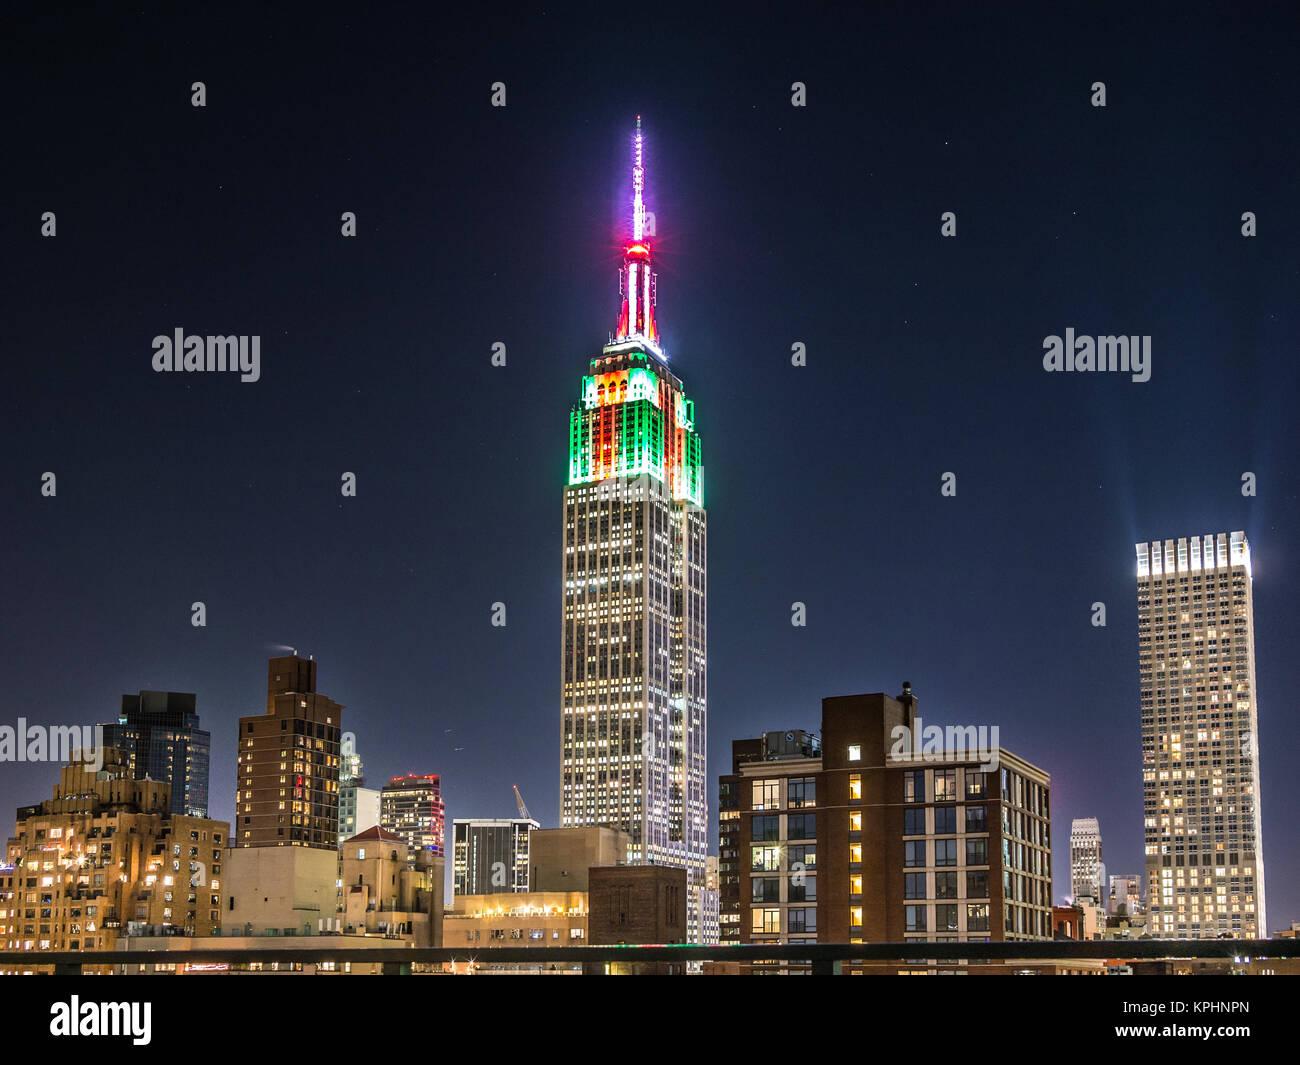 NEW YORK, USA - Januar 5, 2015: Das Empire State Building über die Manhattan Bridge am Nachmittag gesehen. Stockbild